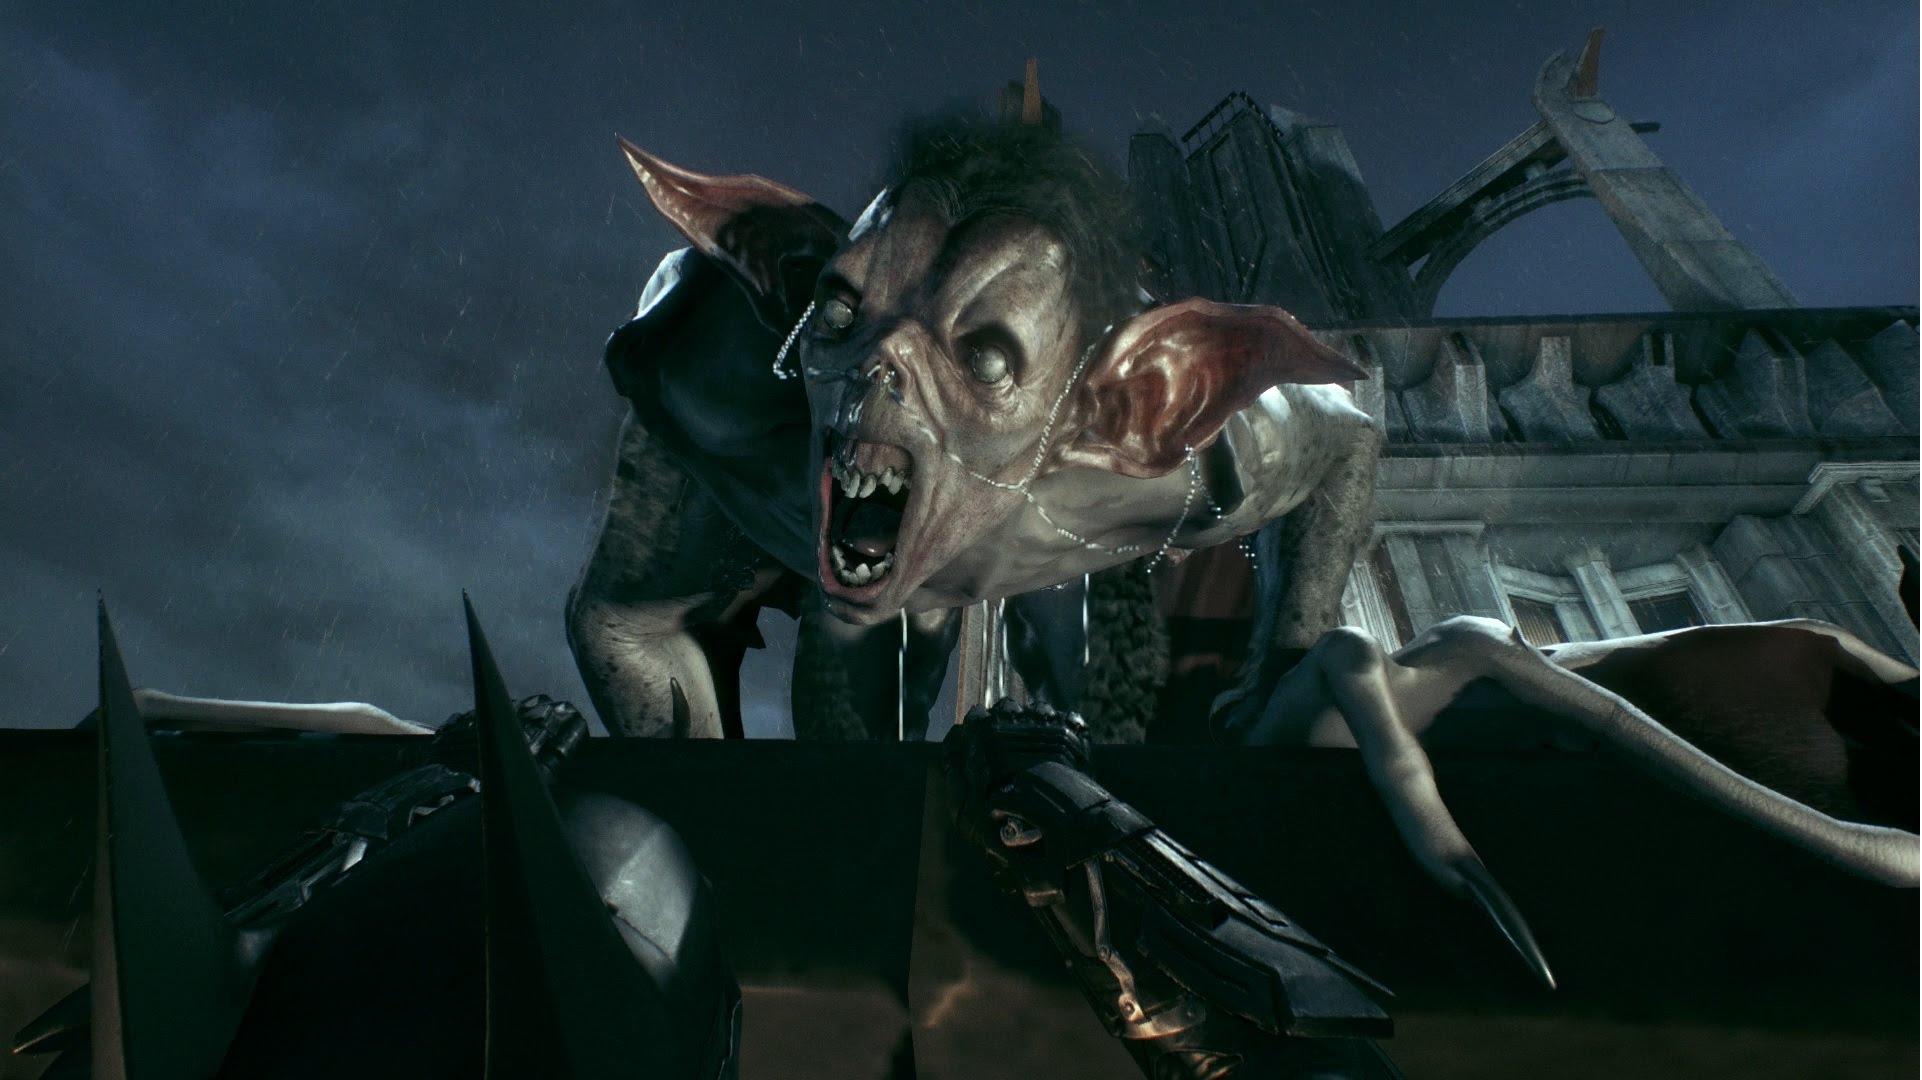 Batman Arkham Knight aneb pojďme změnit to, co do teď fungovalo 11103